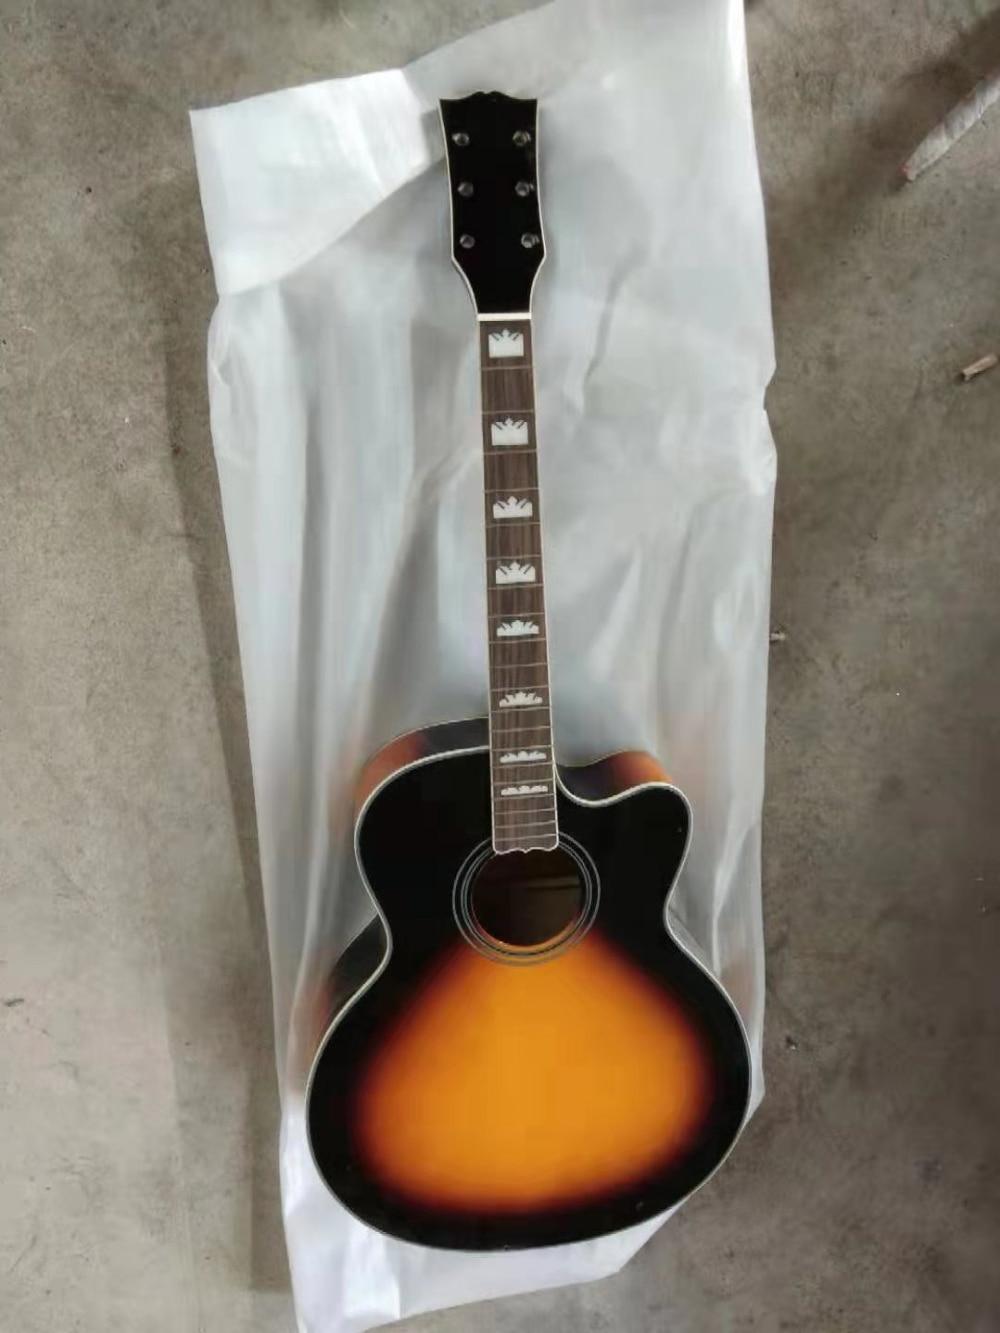 Livraison gratuite chaude acoustique kit de bricolage guitare SJ200 sunburst coupe jumbo guitare Personnalisé Guitarra